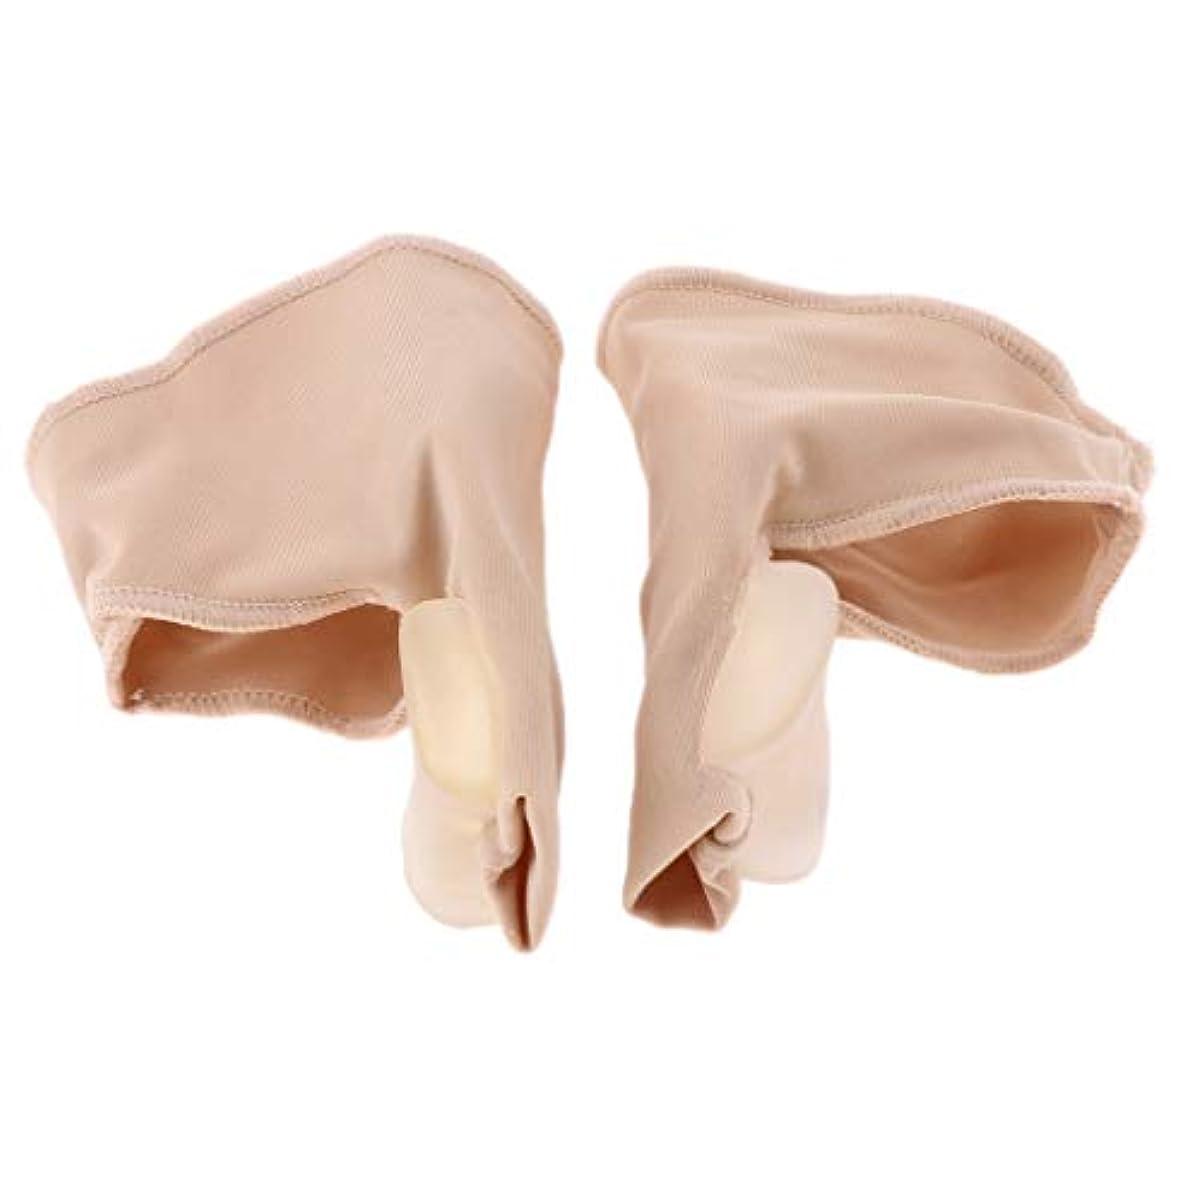 報奨金最大のただやる足指矯正サポータ 外反母趾矯正 親指矯正 外反母趾親指セパレーター 補正サポーター 全2サイズ - L